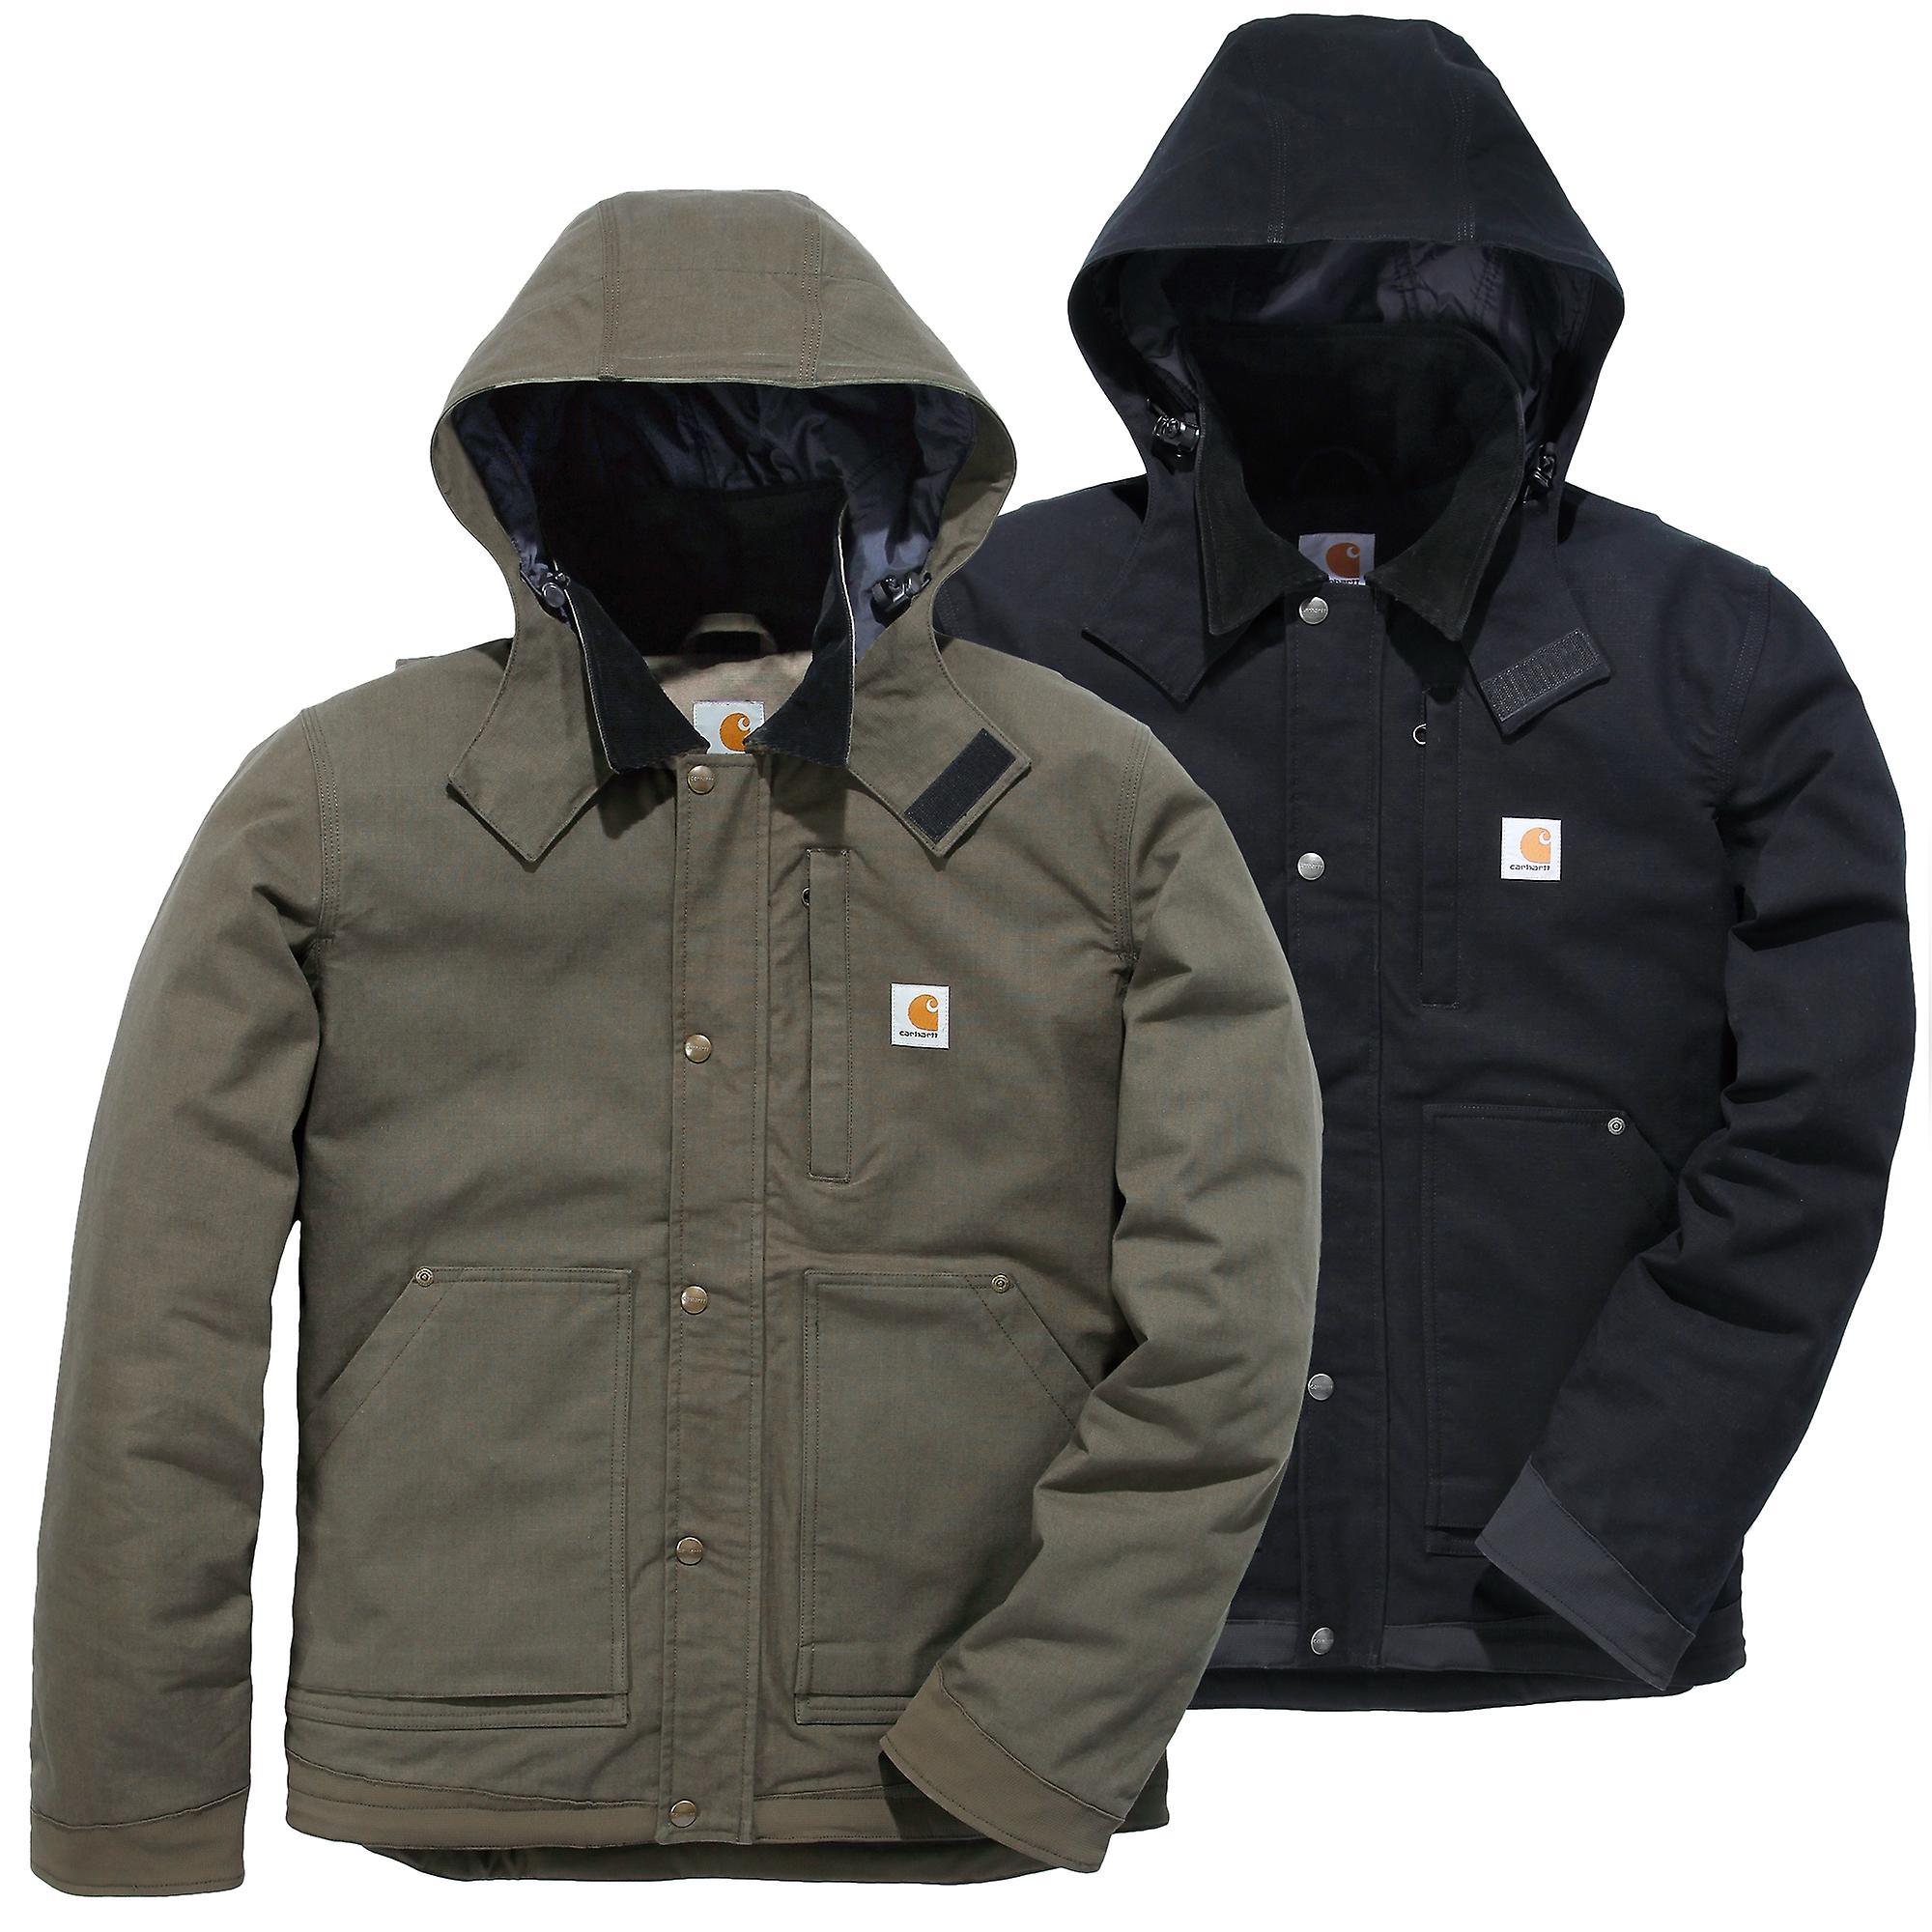 ac7f7fc0e80 Carhartt men's winter jacket full swing steel | Fruugo